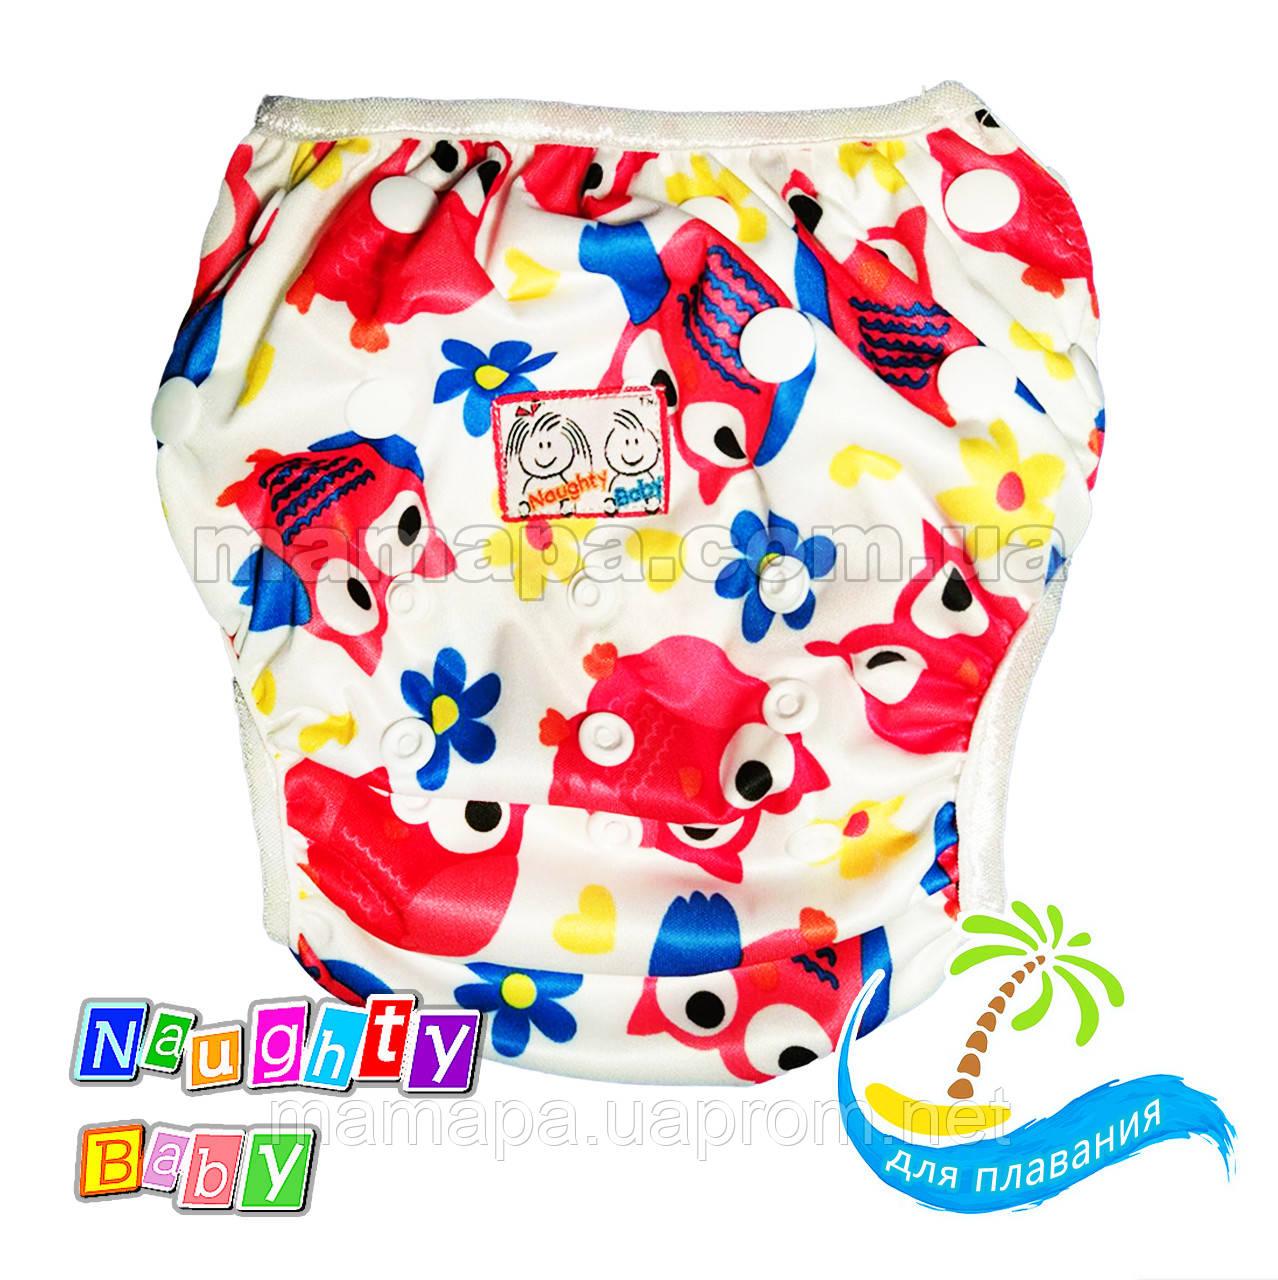 Многоразовые подгузники для плавания бассейна Naughty Baby для детей 3-16кг СОВЫ